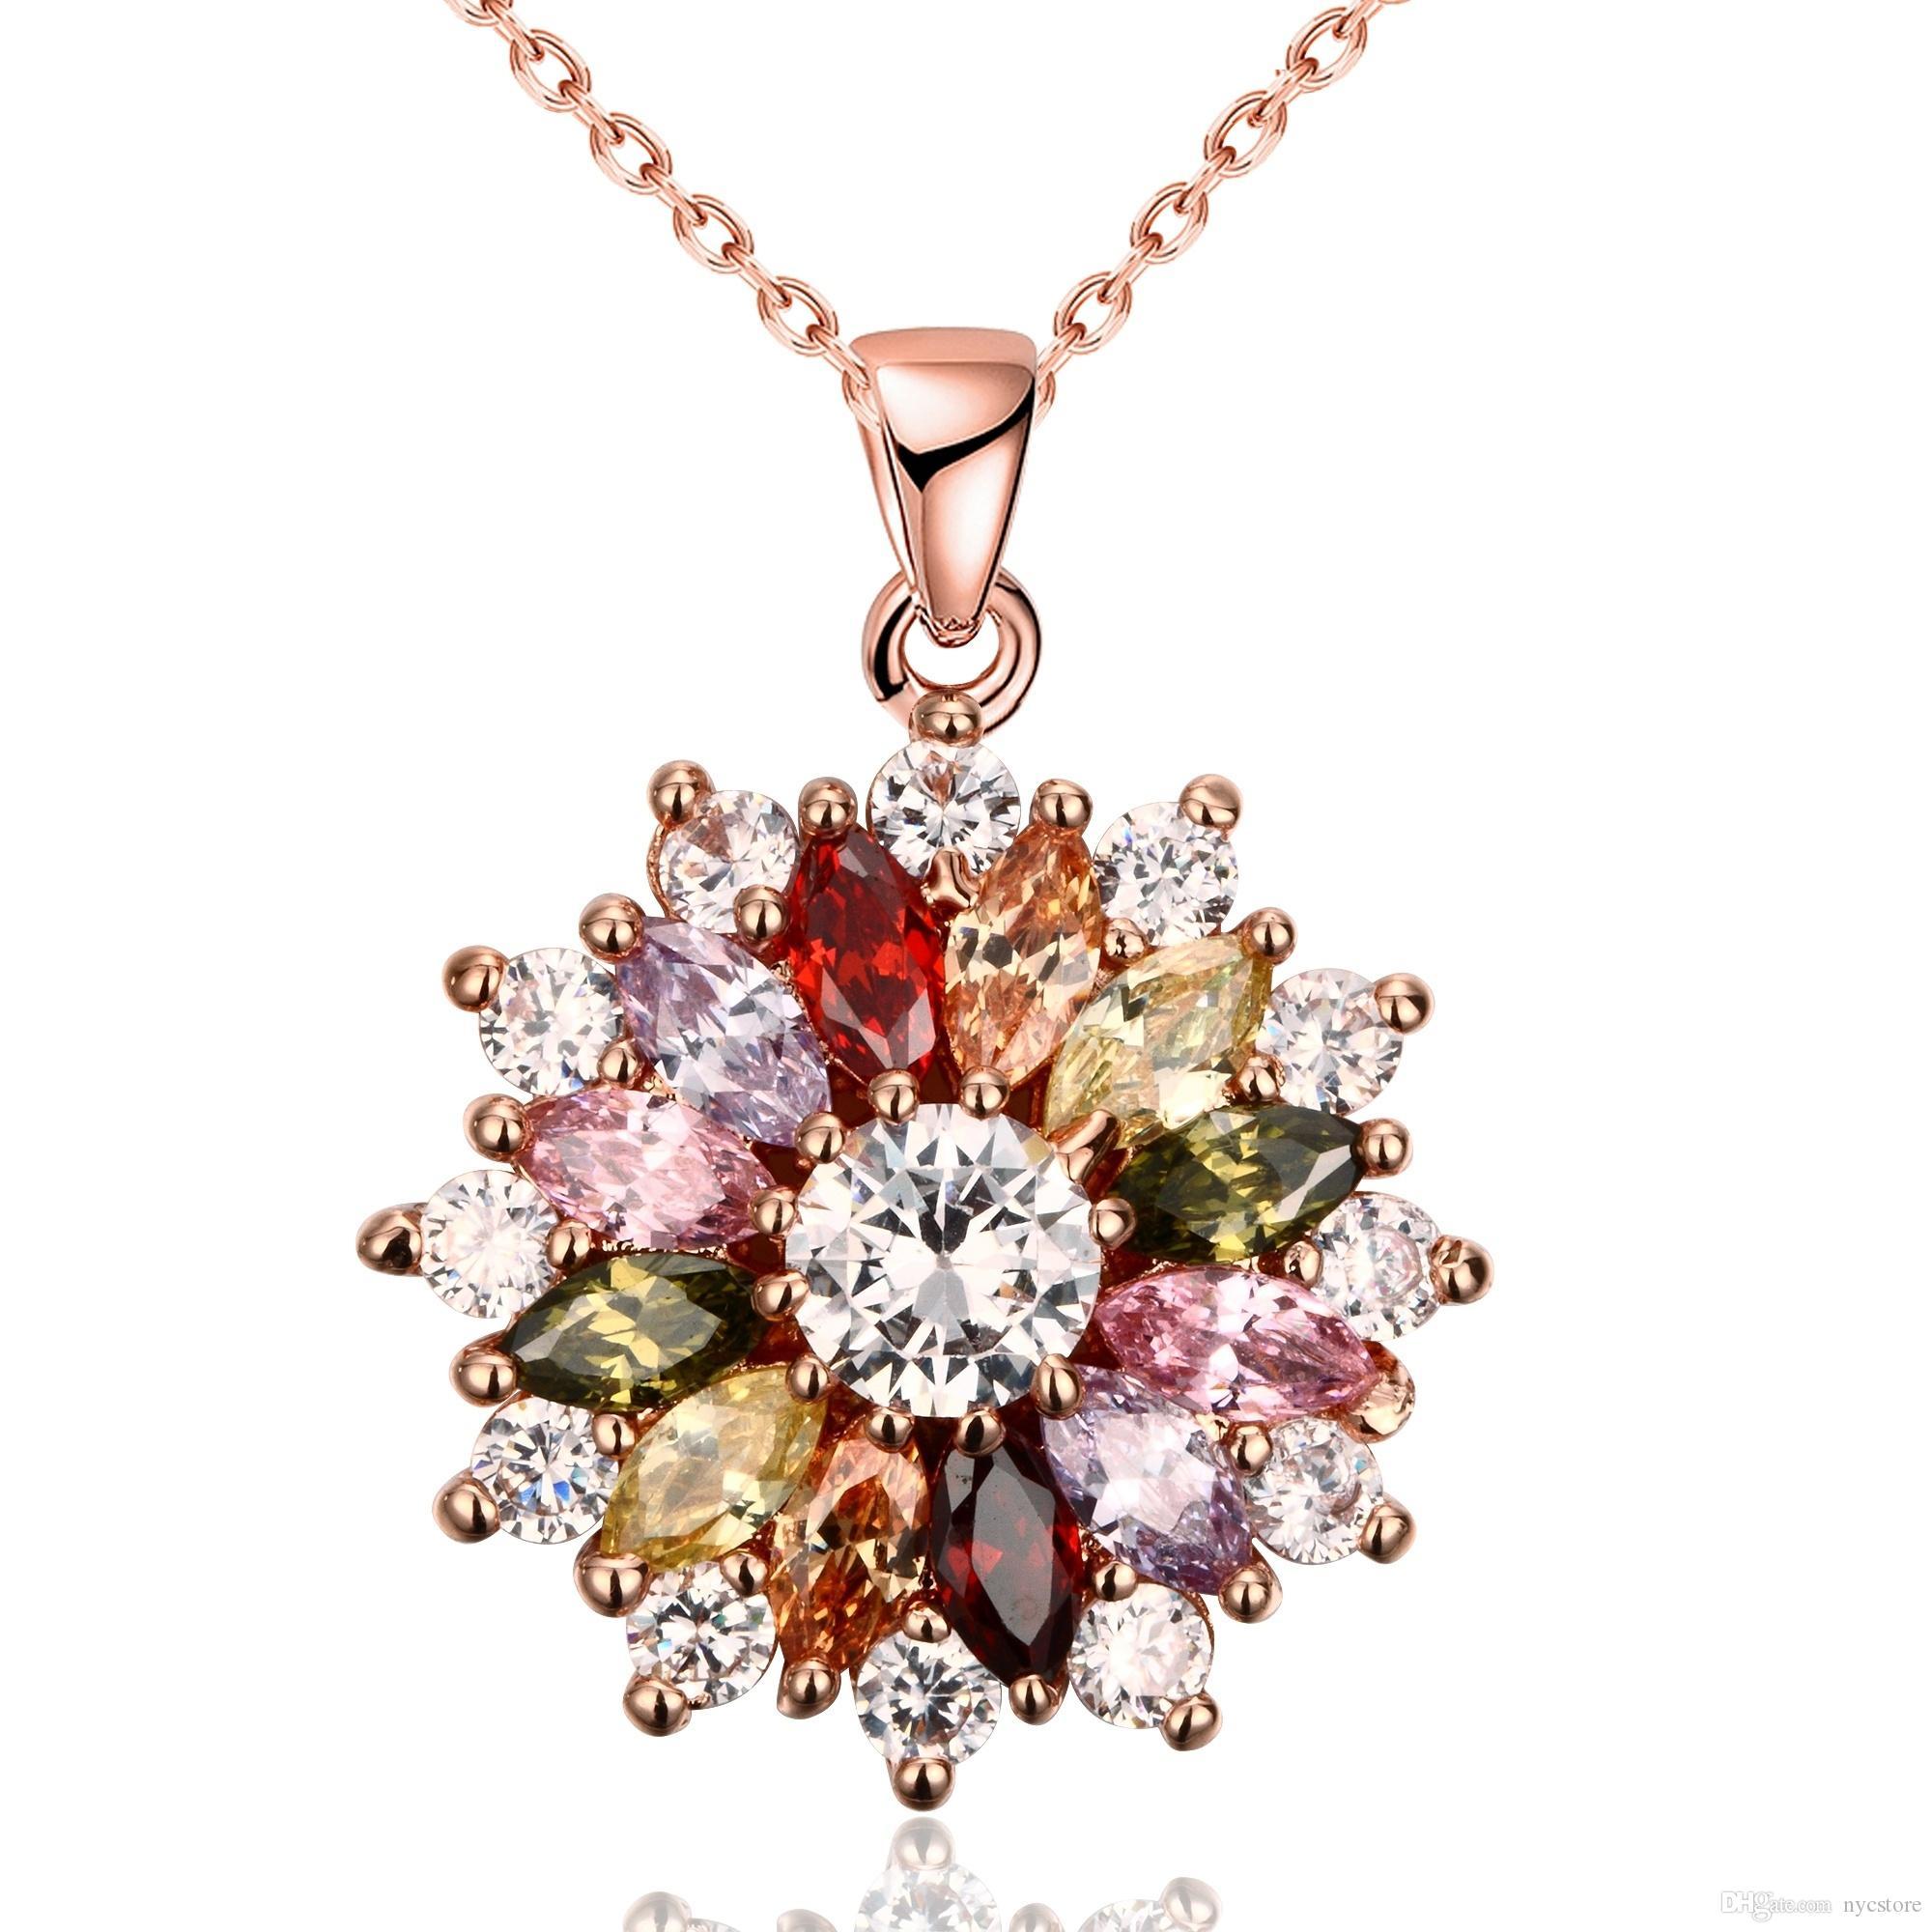 a0709da1e2d0 Compre Collar De Zircon De Alta Calidad Collar De Chapado De Joyería De  Moda De Mujer A  2.52 Del Nycstore